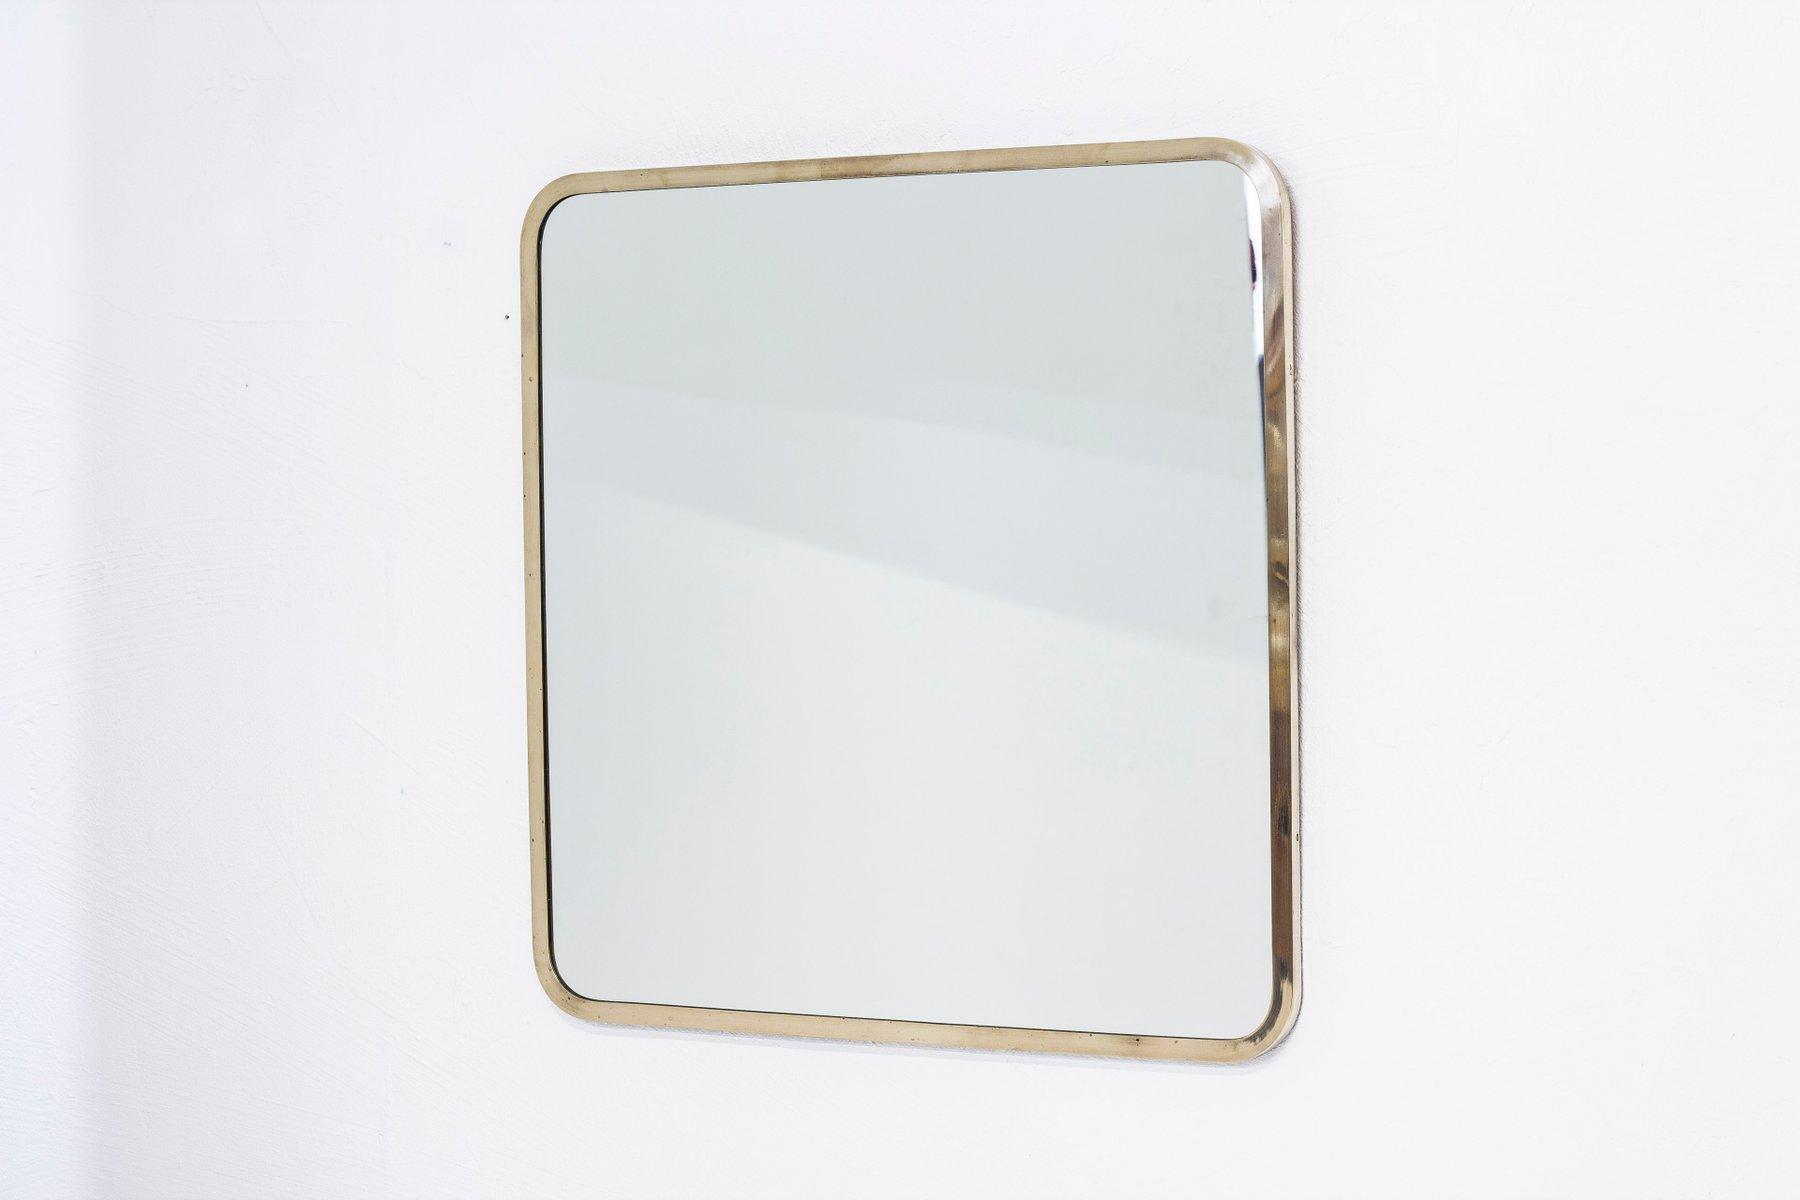 Schwedischer Spiegel mit Rahmen aus Messing von Ivar Björk für Ystad ...